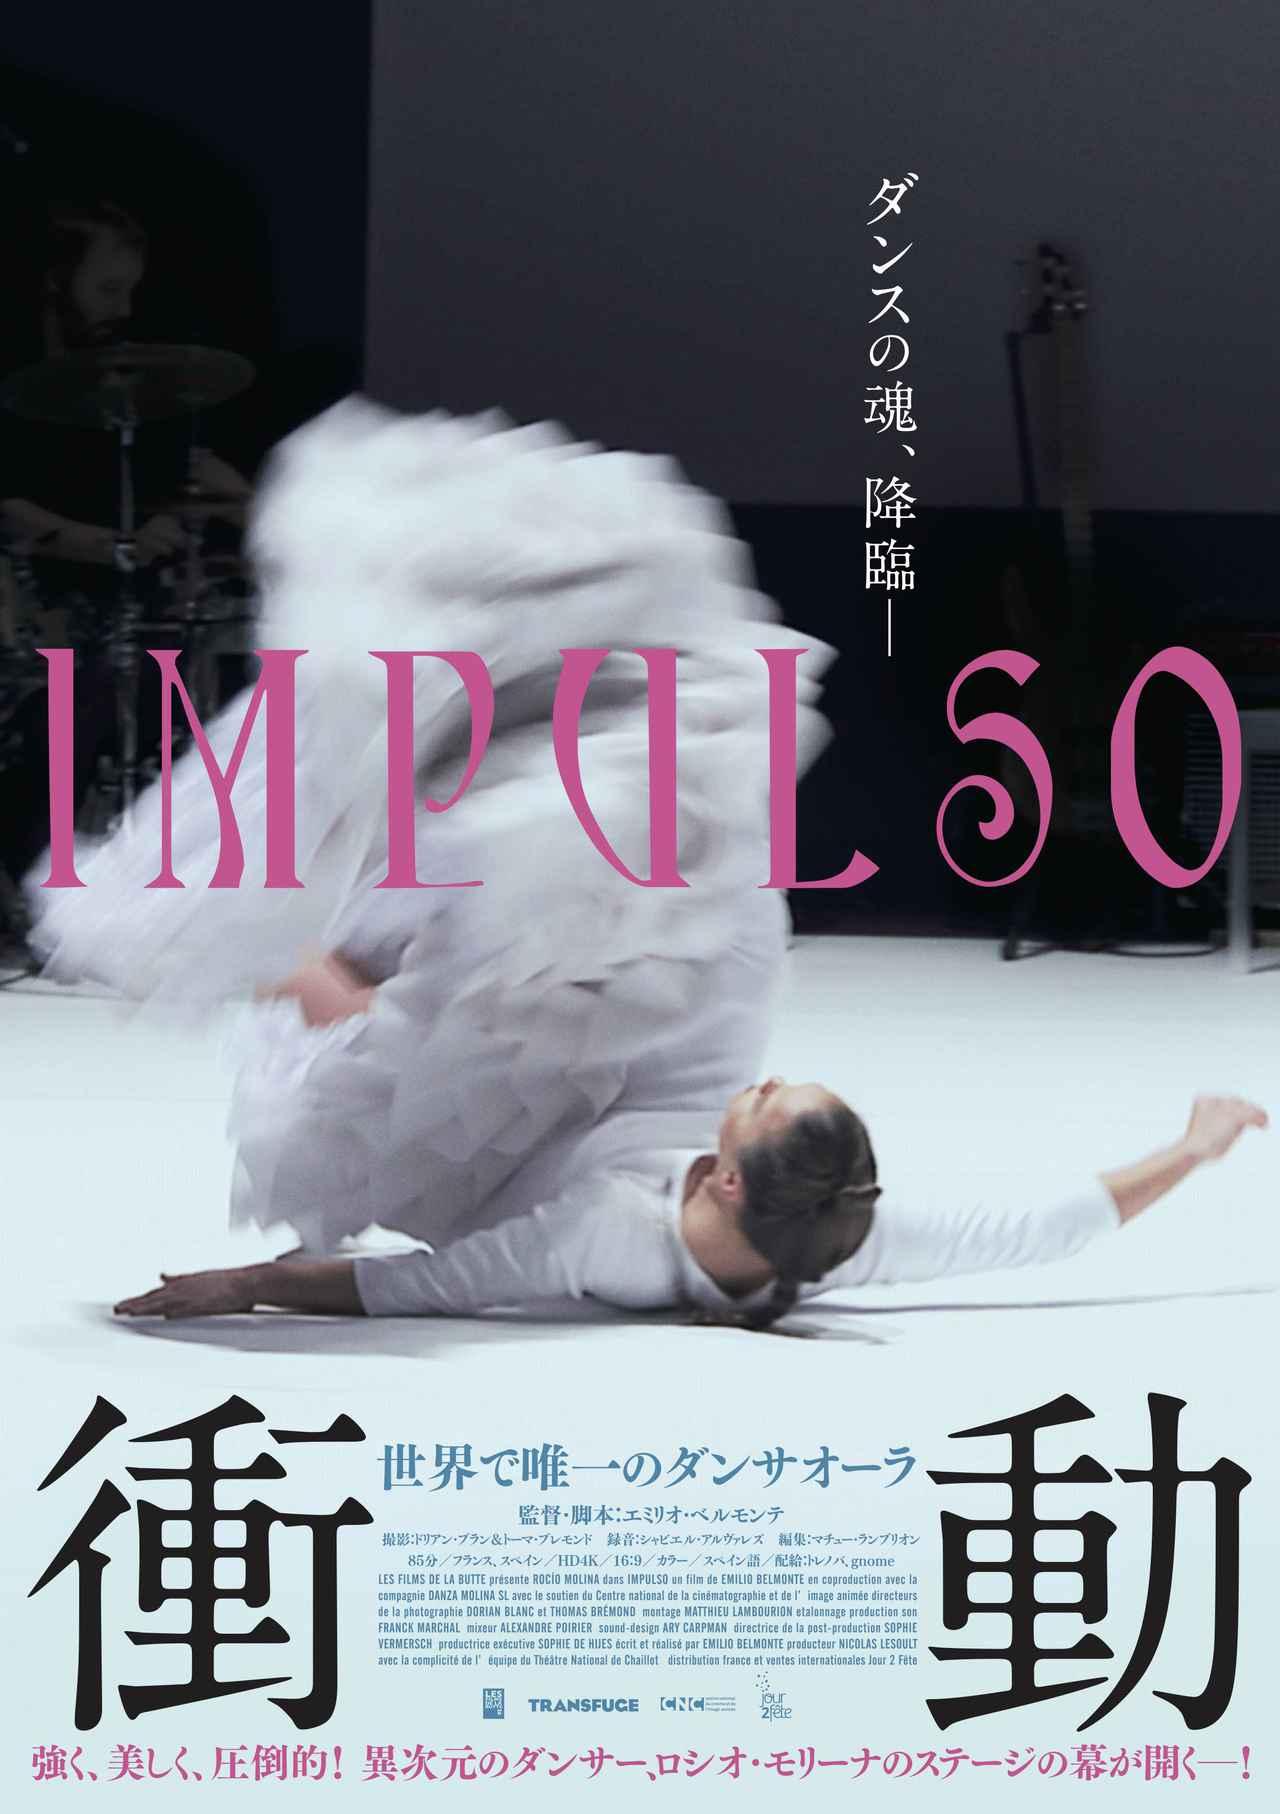 画像: 異次元のダンスがここに! 天才フラメンコダンサーの映画が公開決定